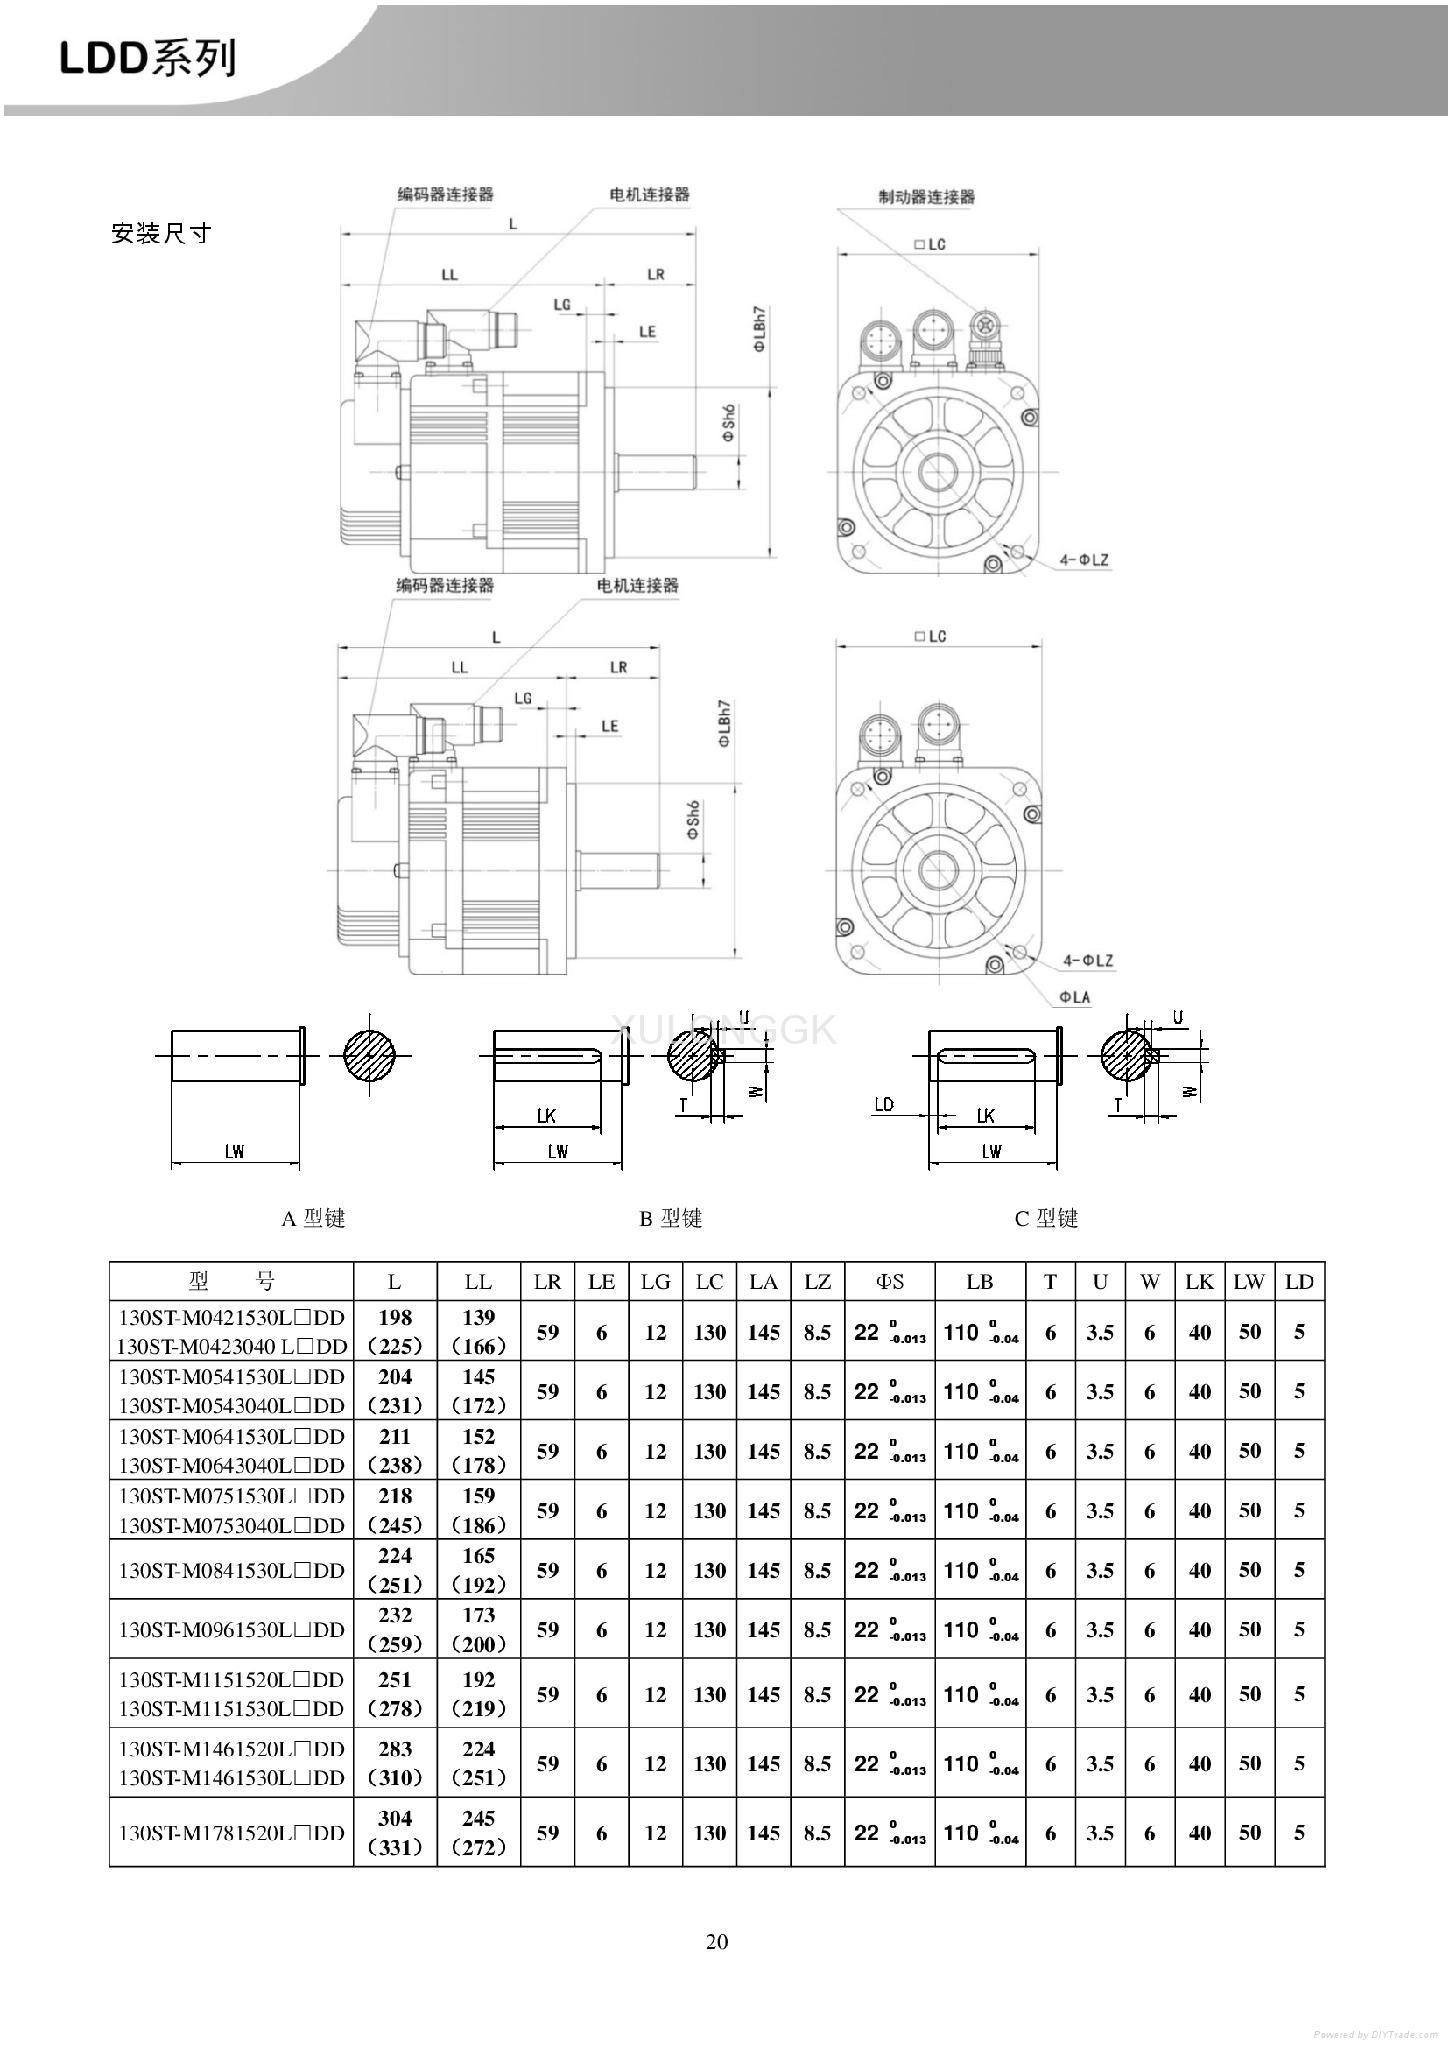 华大绝对值总线电机23位 加工中心替安川130ST-M0751530LM1DD 1.2KW 7.5N 数控车用 6